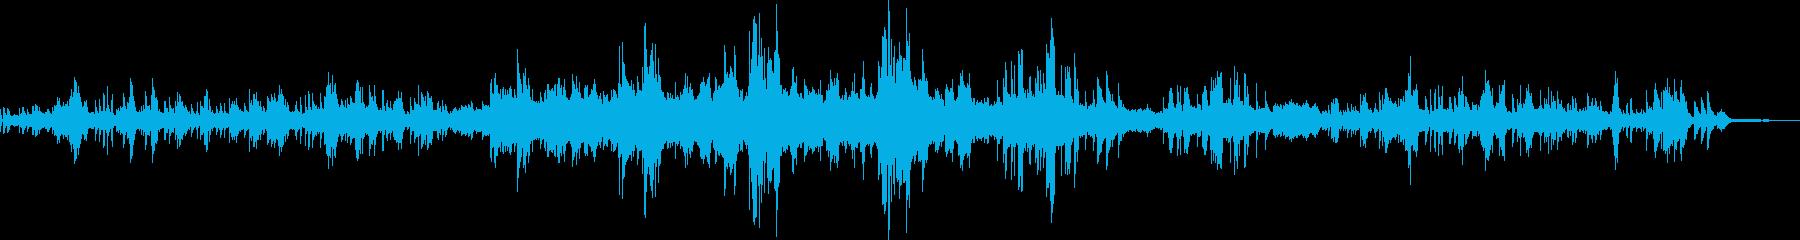 ショパン ノクターン Op9-No1の再生済みの波形